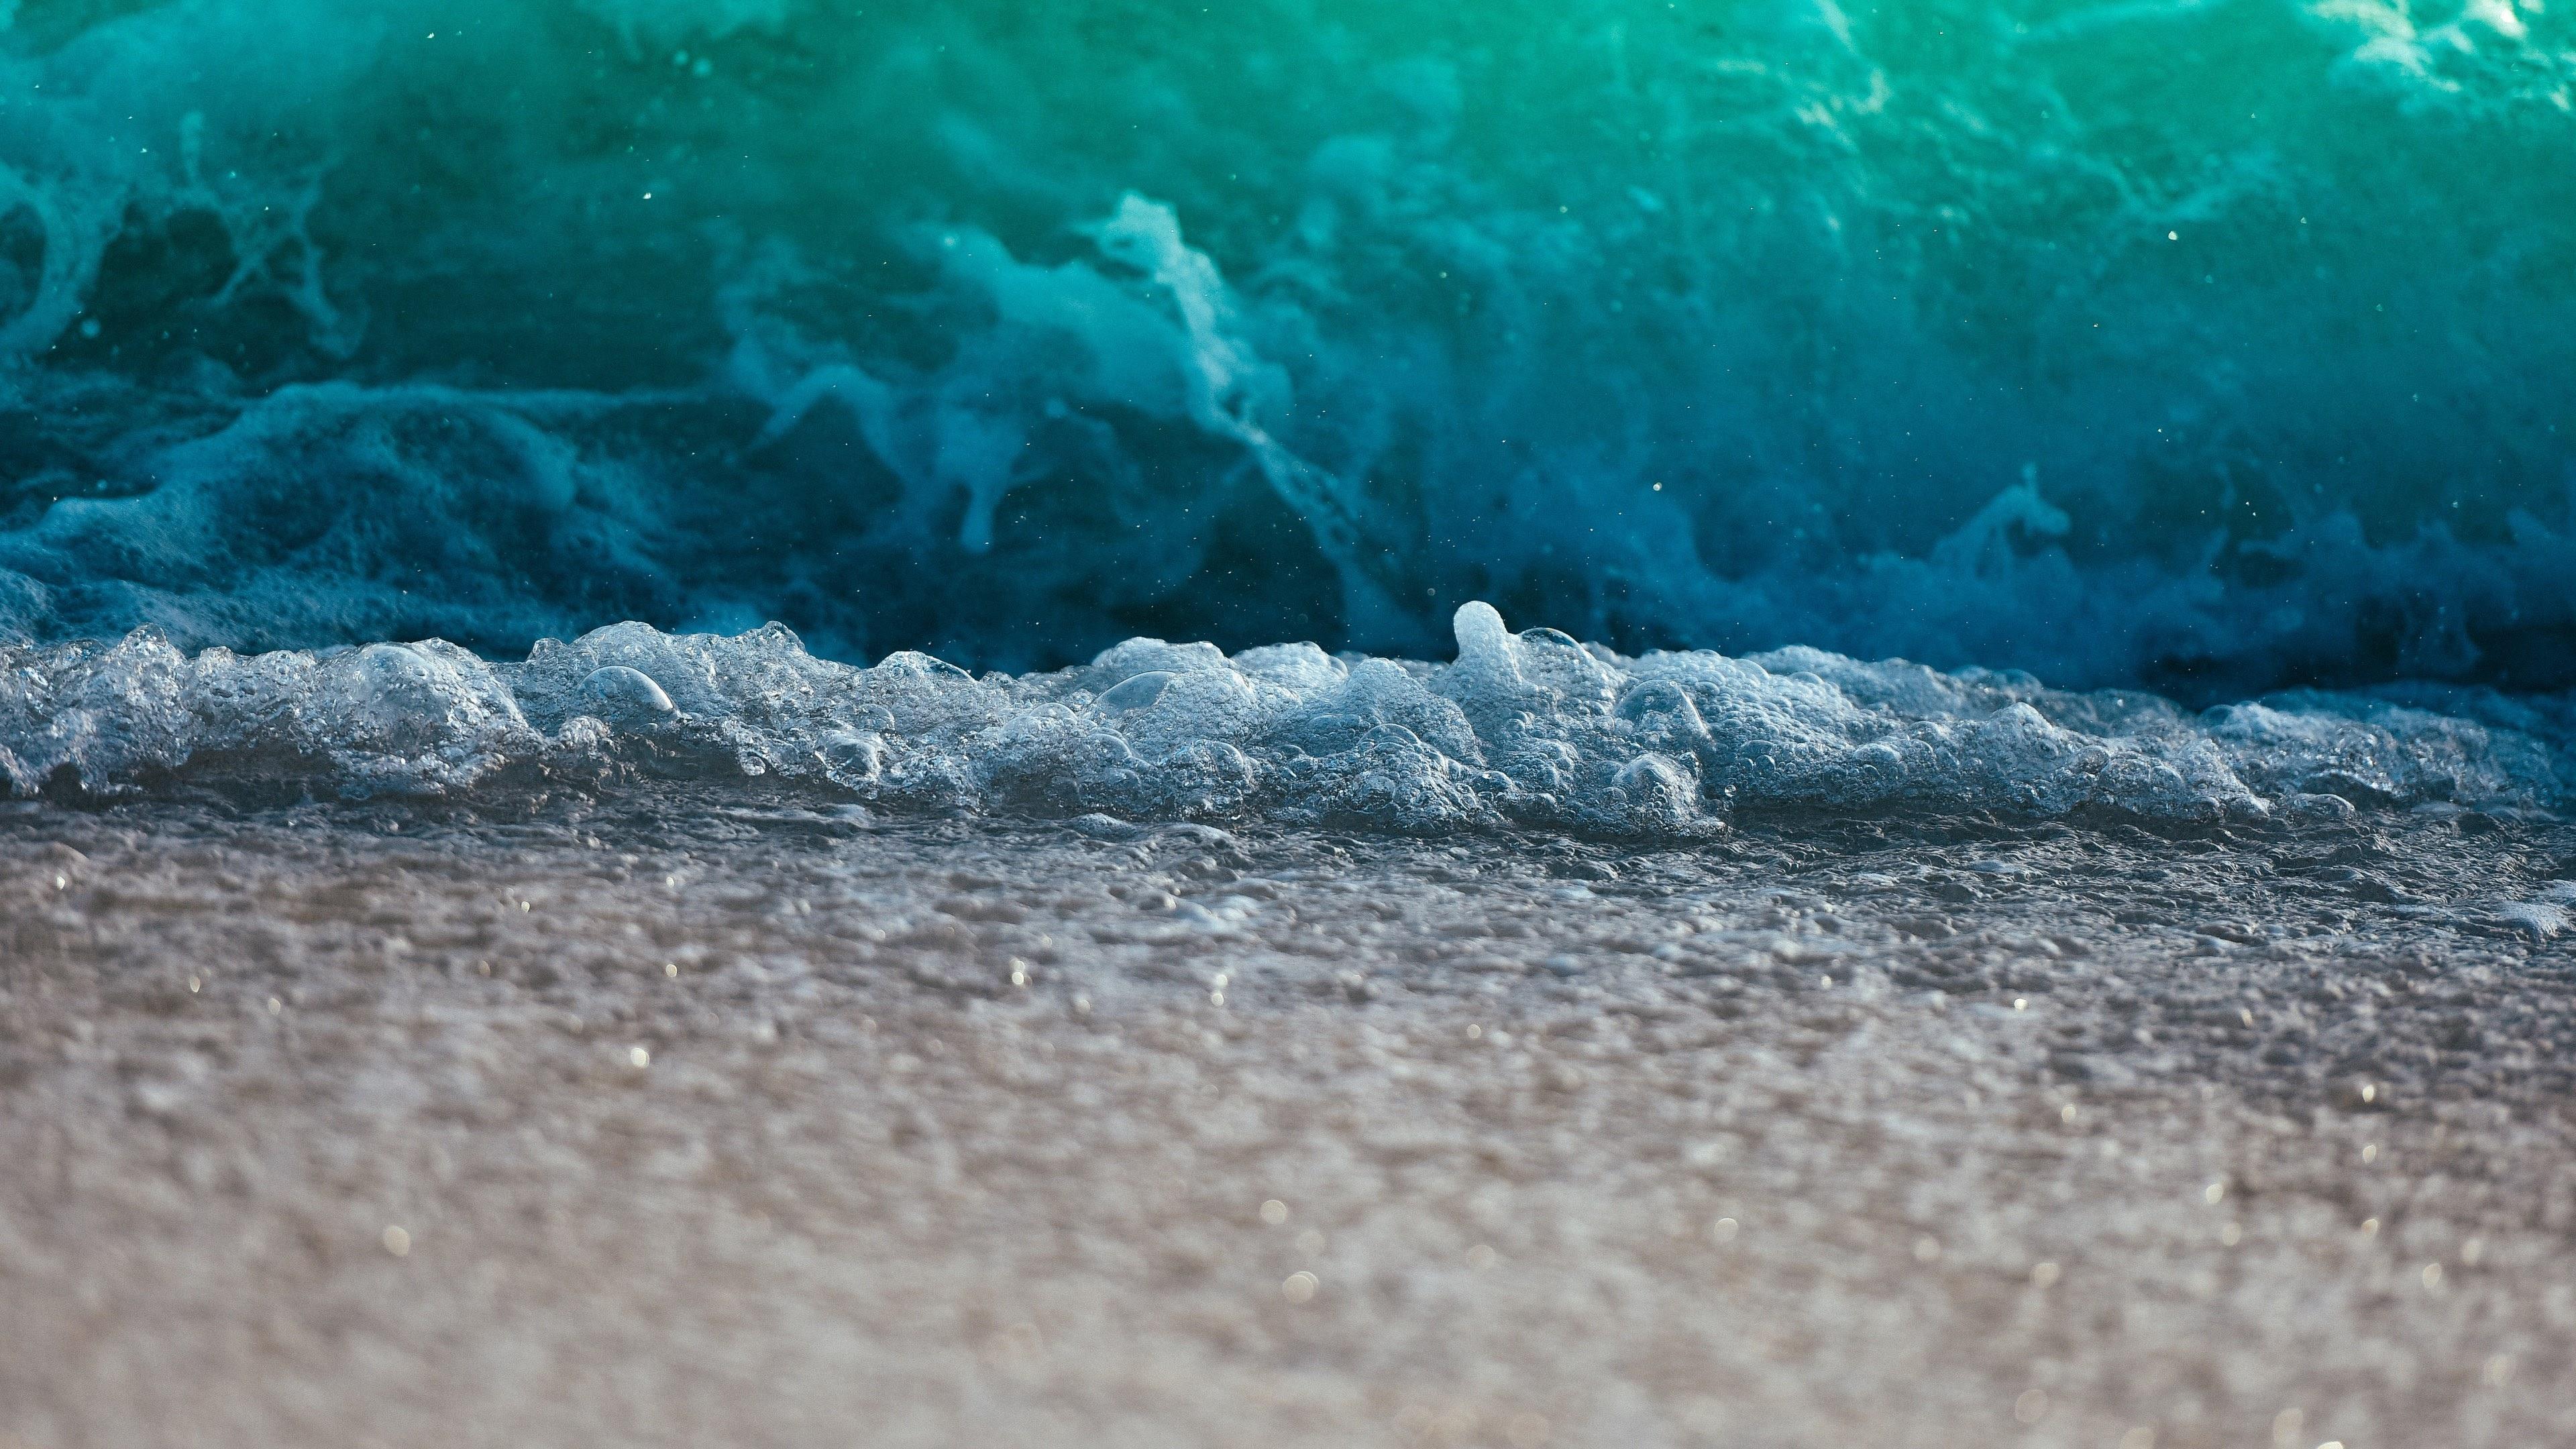 Waves on the beach Maldives, wave, water, beach, coast, ocean, sea